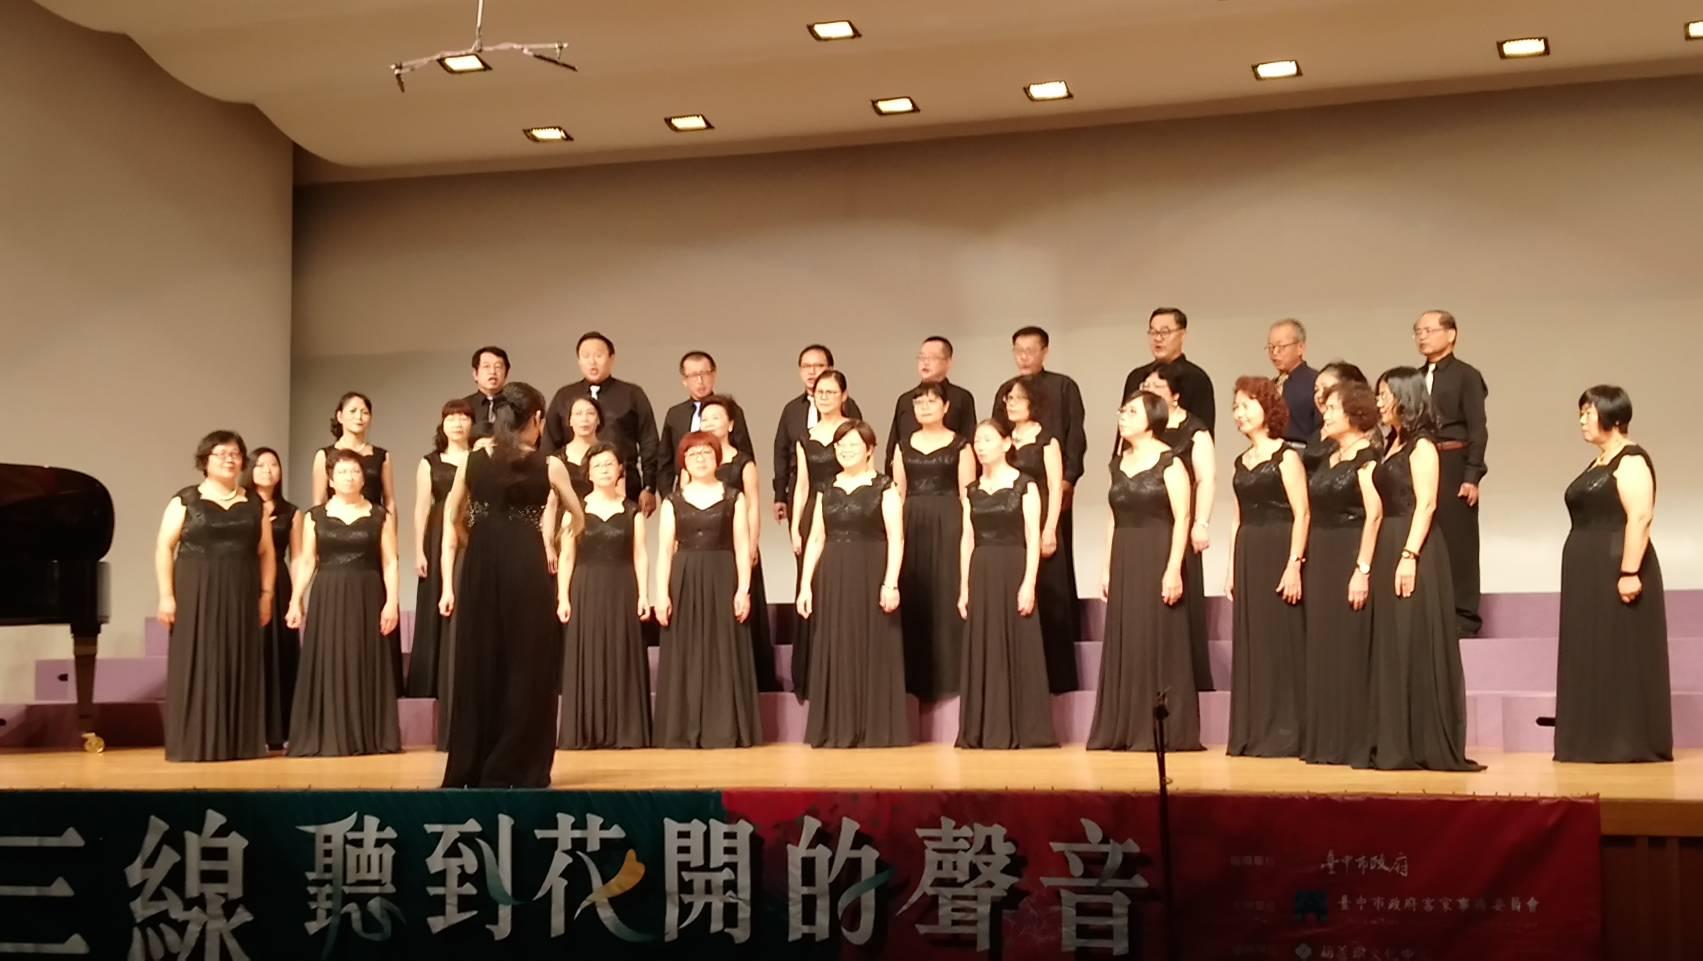 行經台三線聆聽花開的聲音 台中客家歌謠音樂會浪漫登場